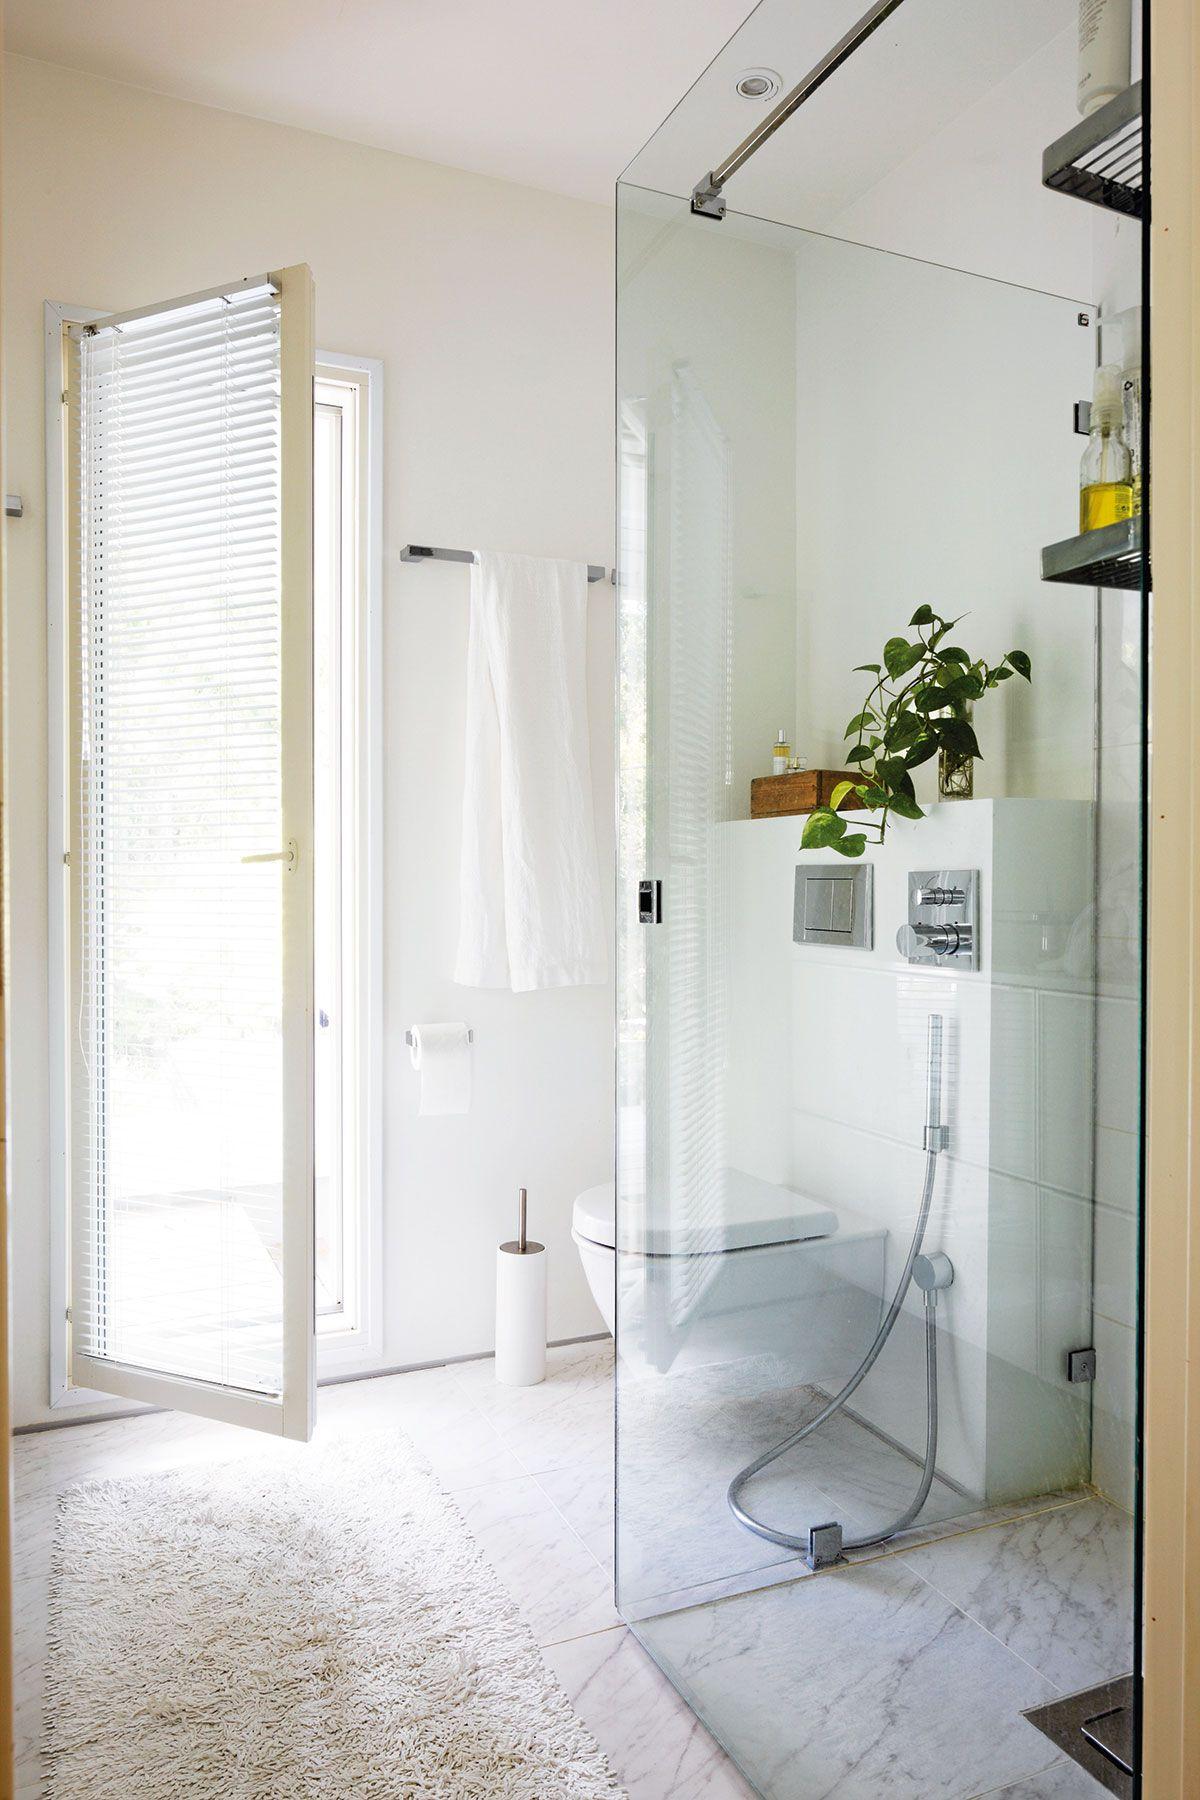 Yläkerran kylpyhuone remontoitiin muutama vuosi sitten. Pienen ikkunan tilalle avattiin oven korkuinen mutta kapeampi ikkuna-aukko. Laatat, hanat, lavuaari ja wc-istuin ostettiin kaikki Laattapisteestä.